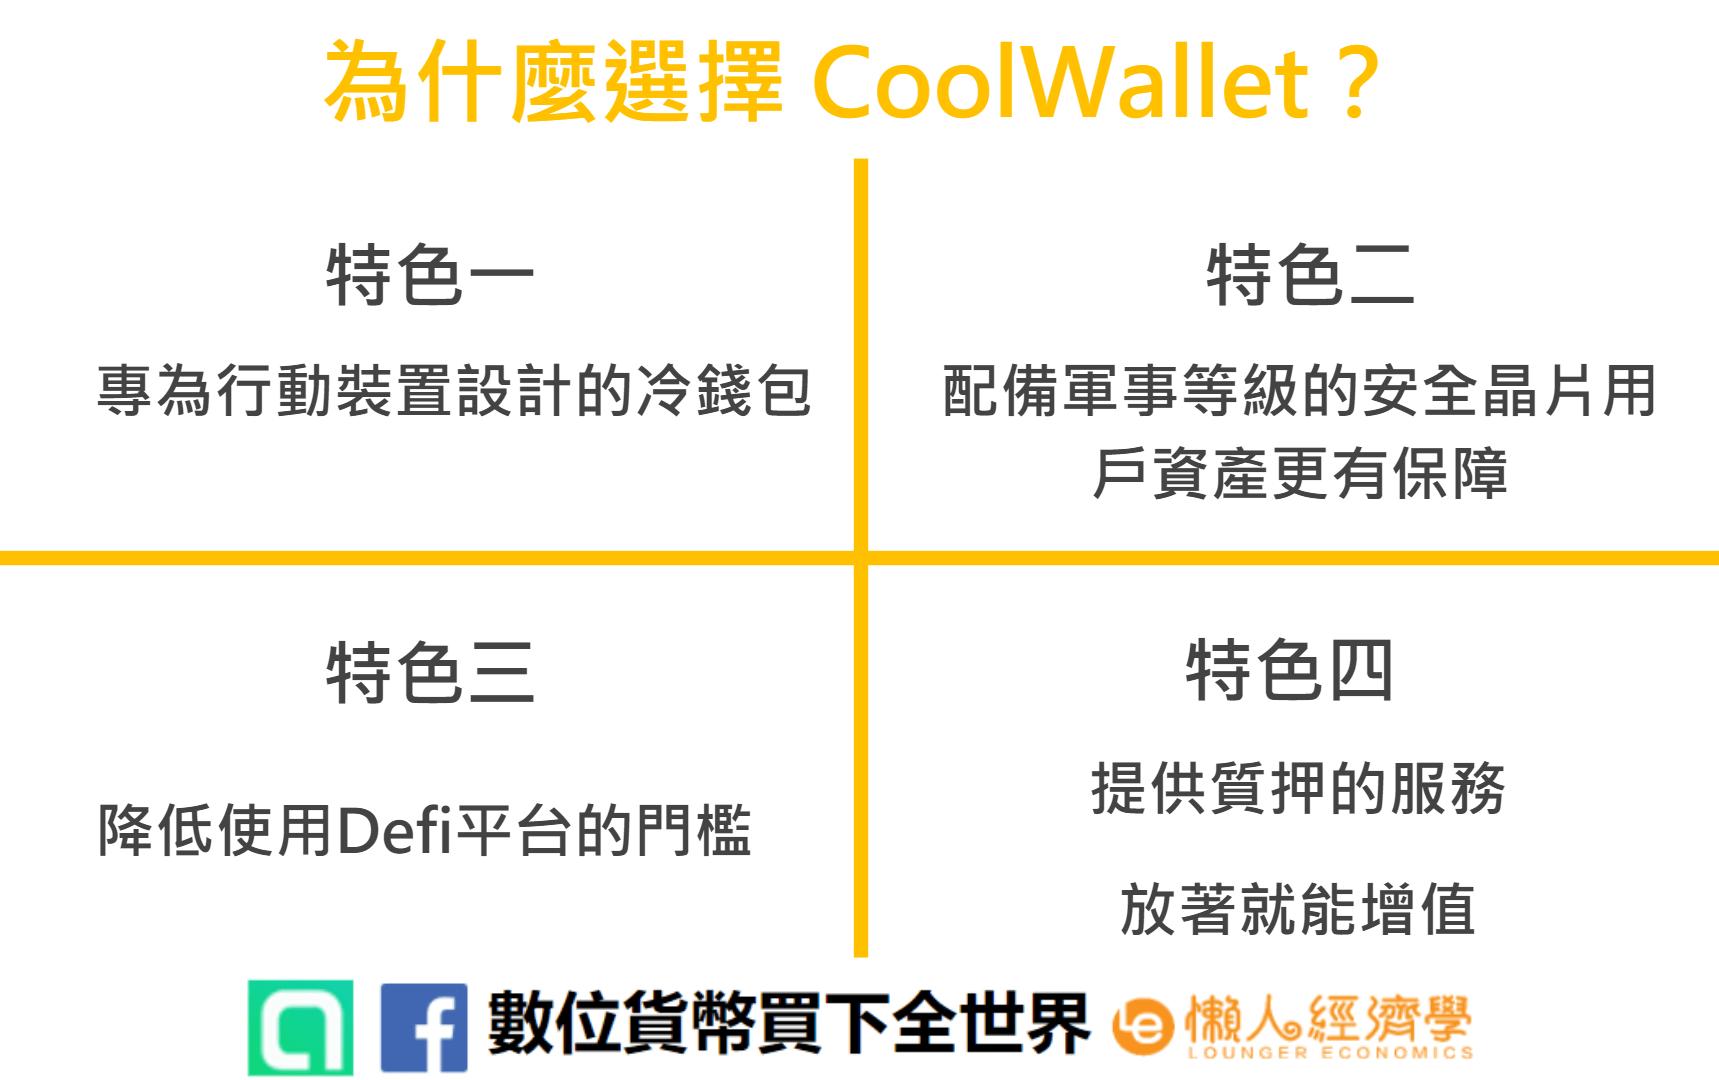 為什麼選擇 CoolWallet:CoolWallet錢包四大特色